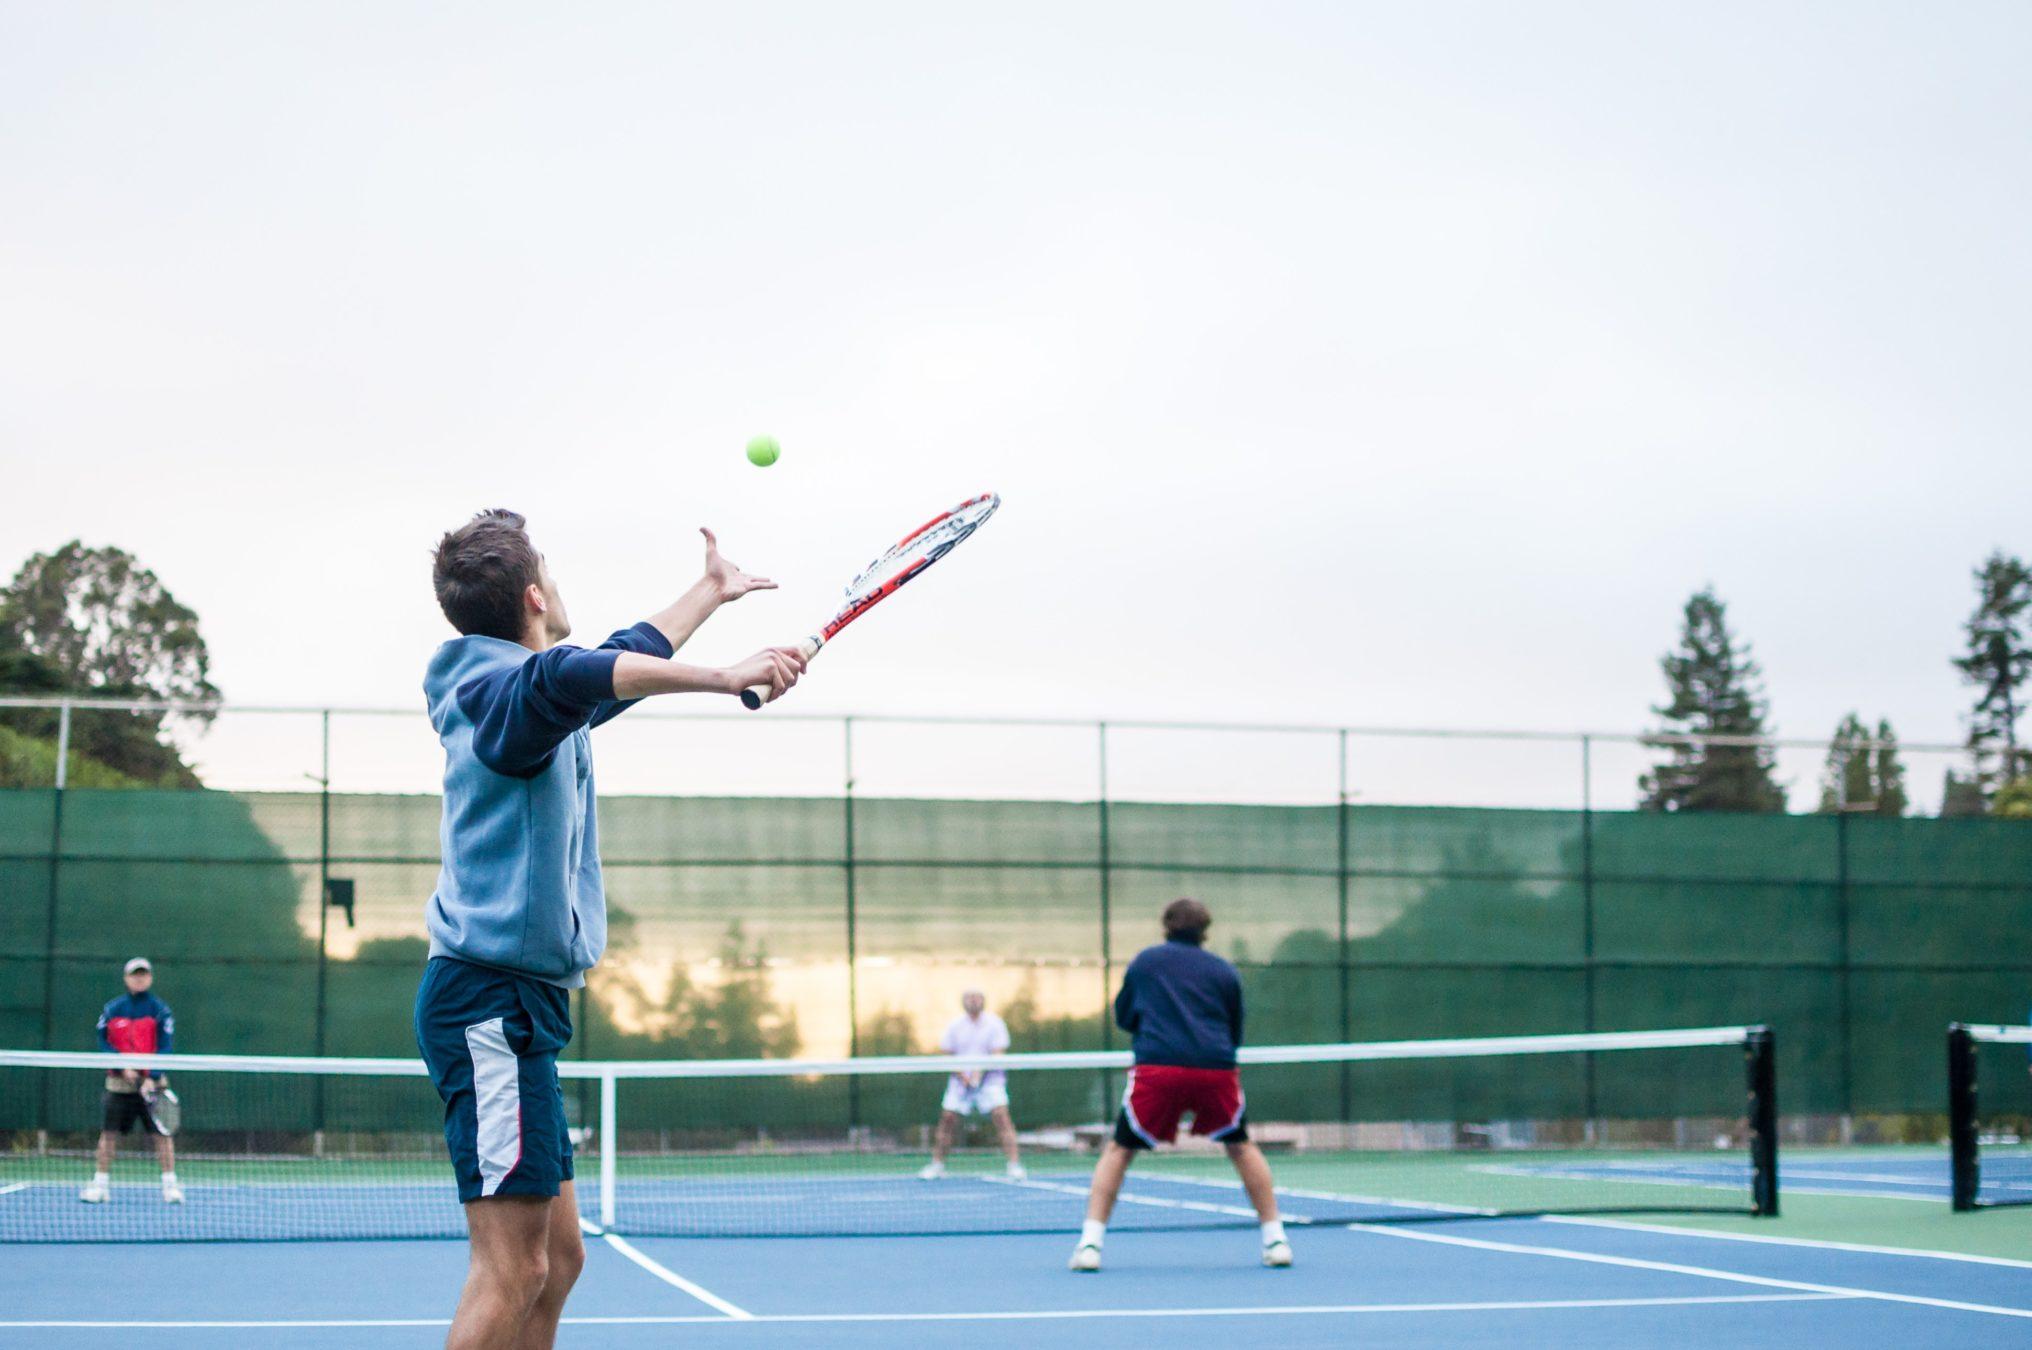 テニスのフォルトとは?ダブルフォルトとサービス力の関連性。